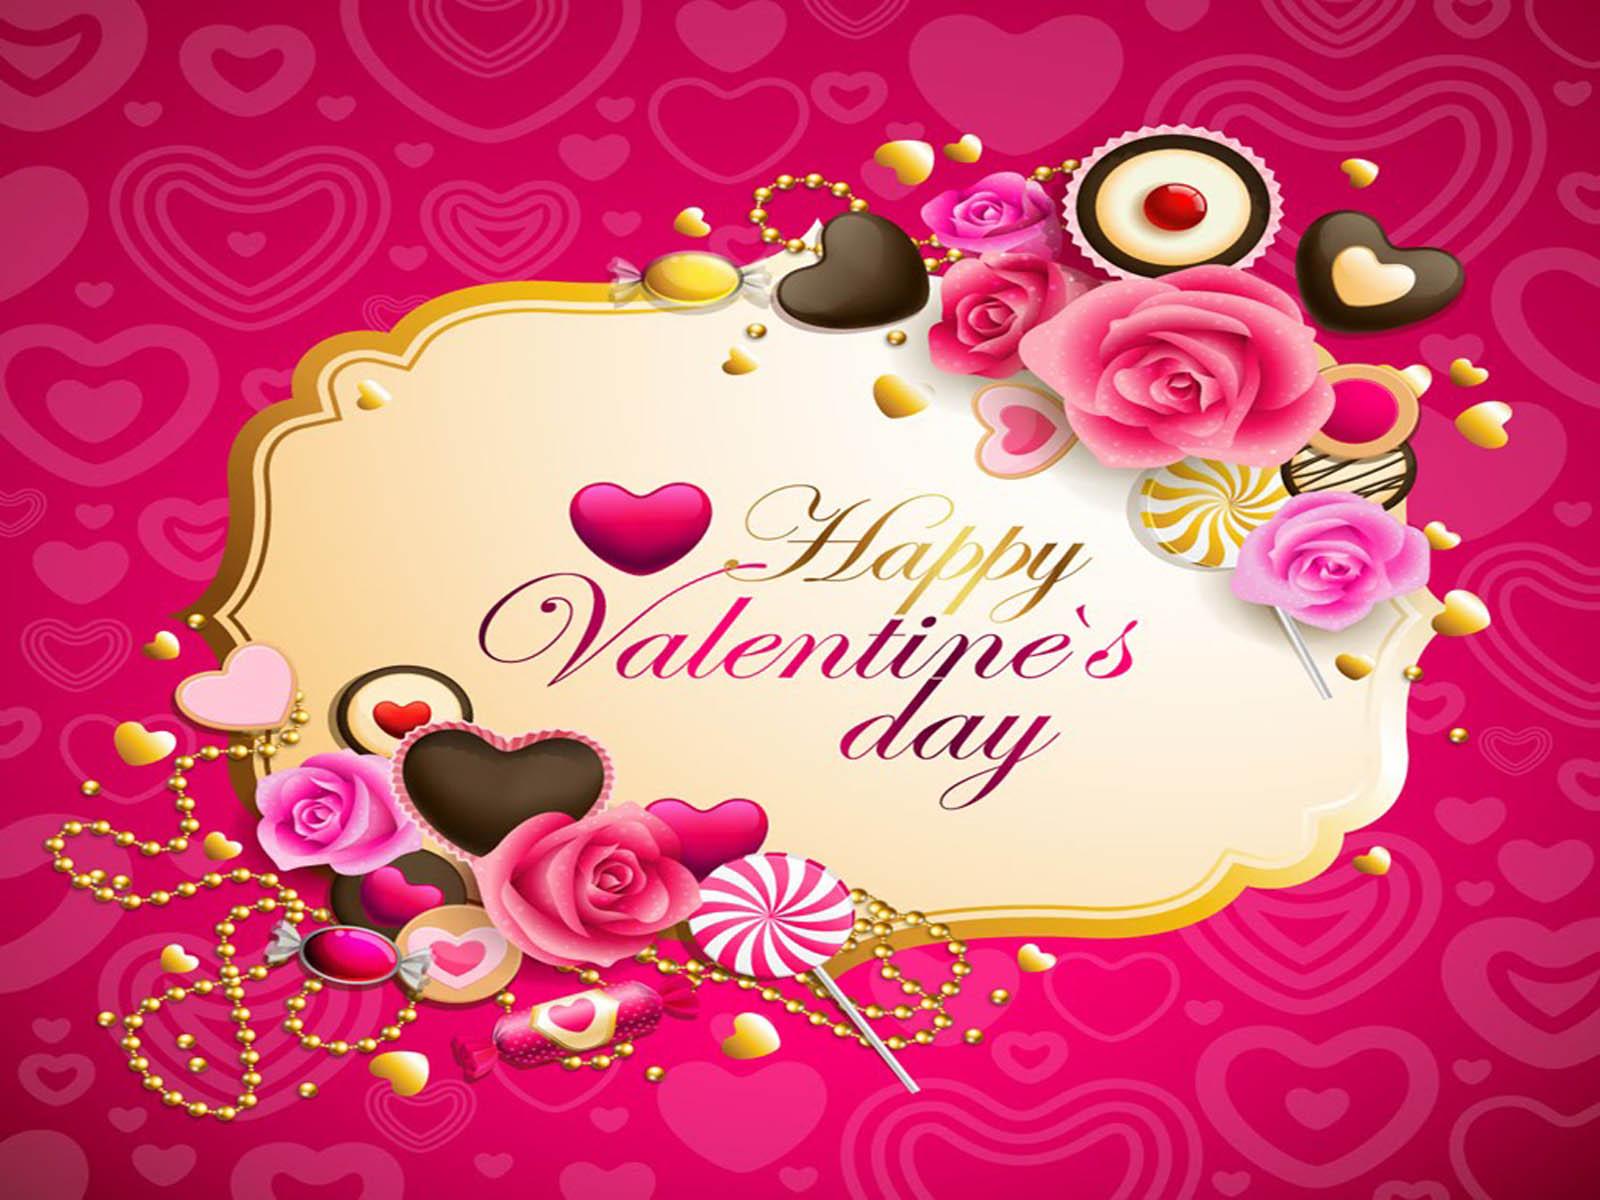 Wallpapers Valentines Day Desktop Wallpapers Valentines Day Desktop 1600x1200